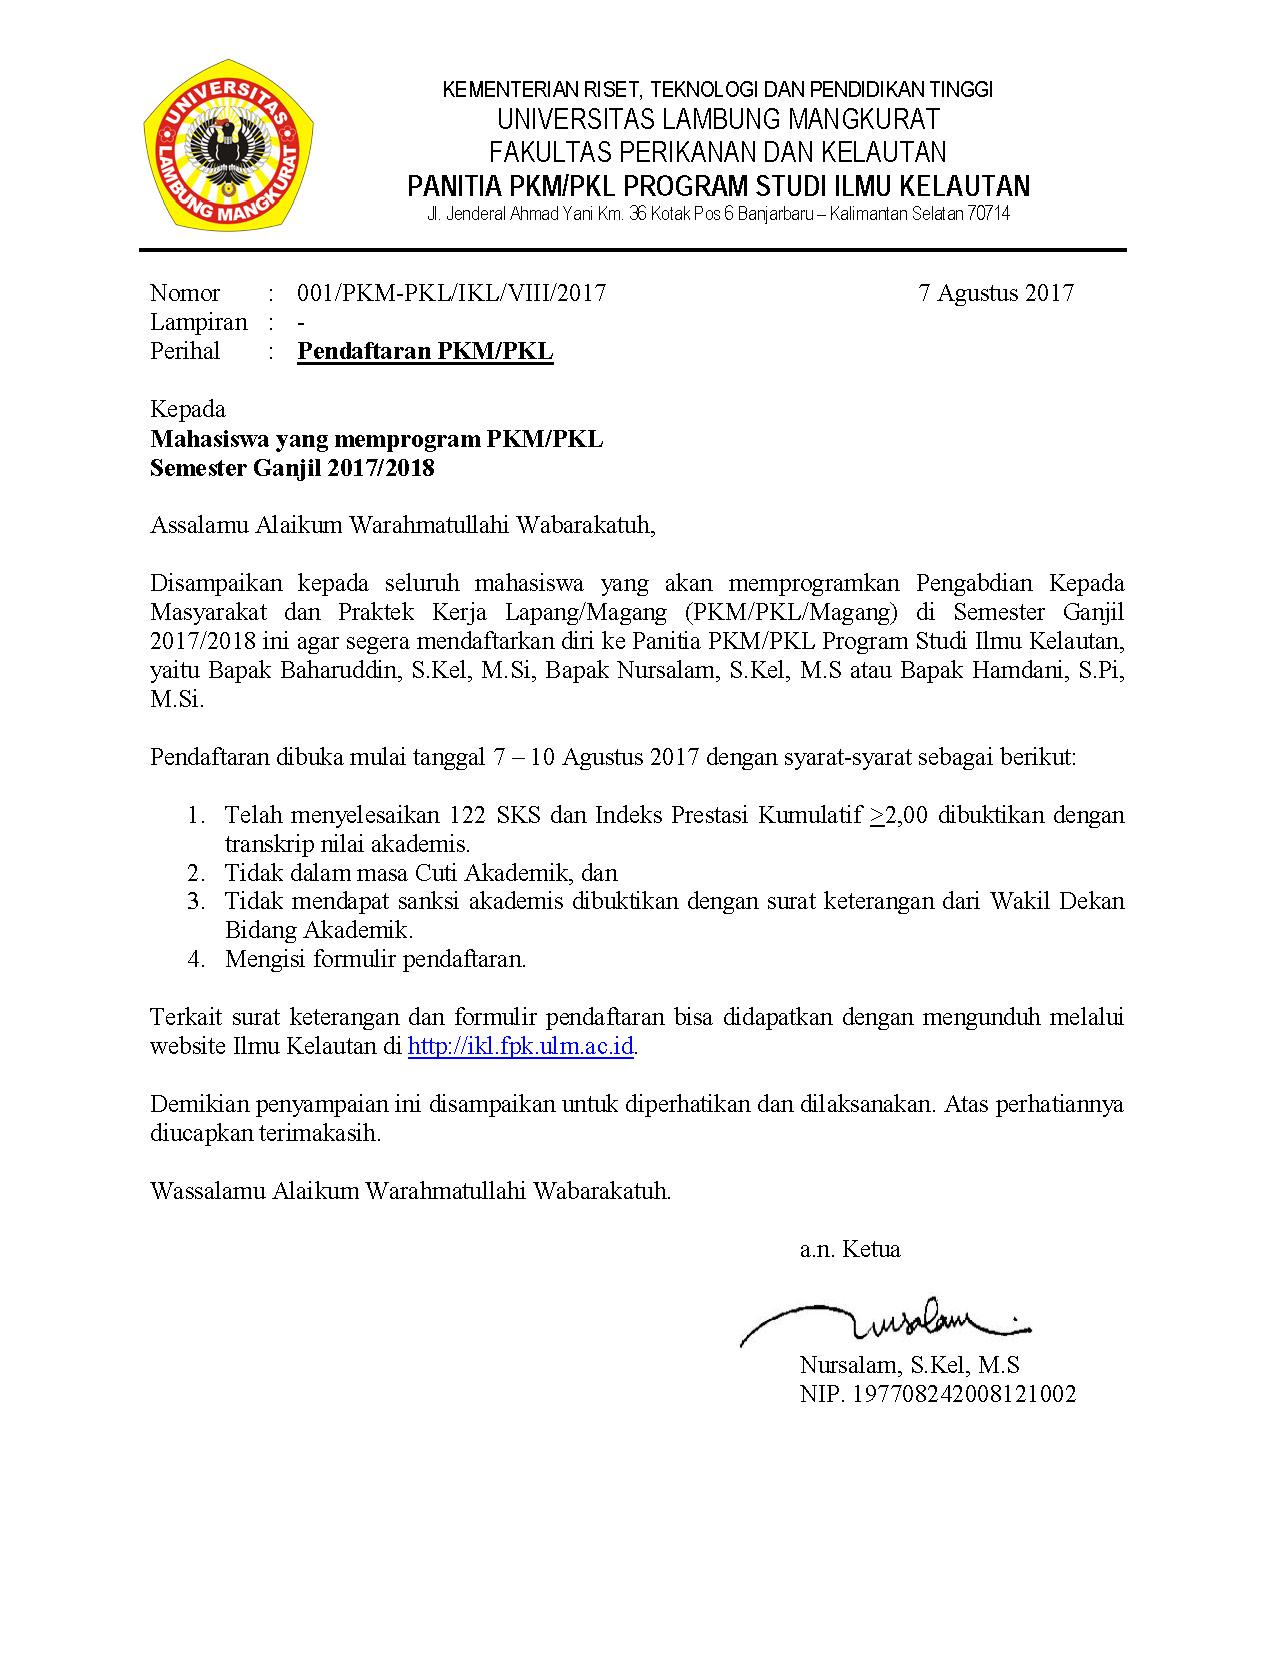 Pelaksanaan Pkmpkl Jurusan Ikl Semester Ganjil 20172018